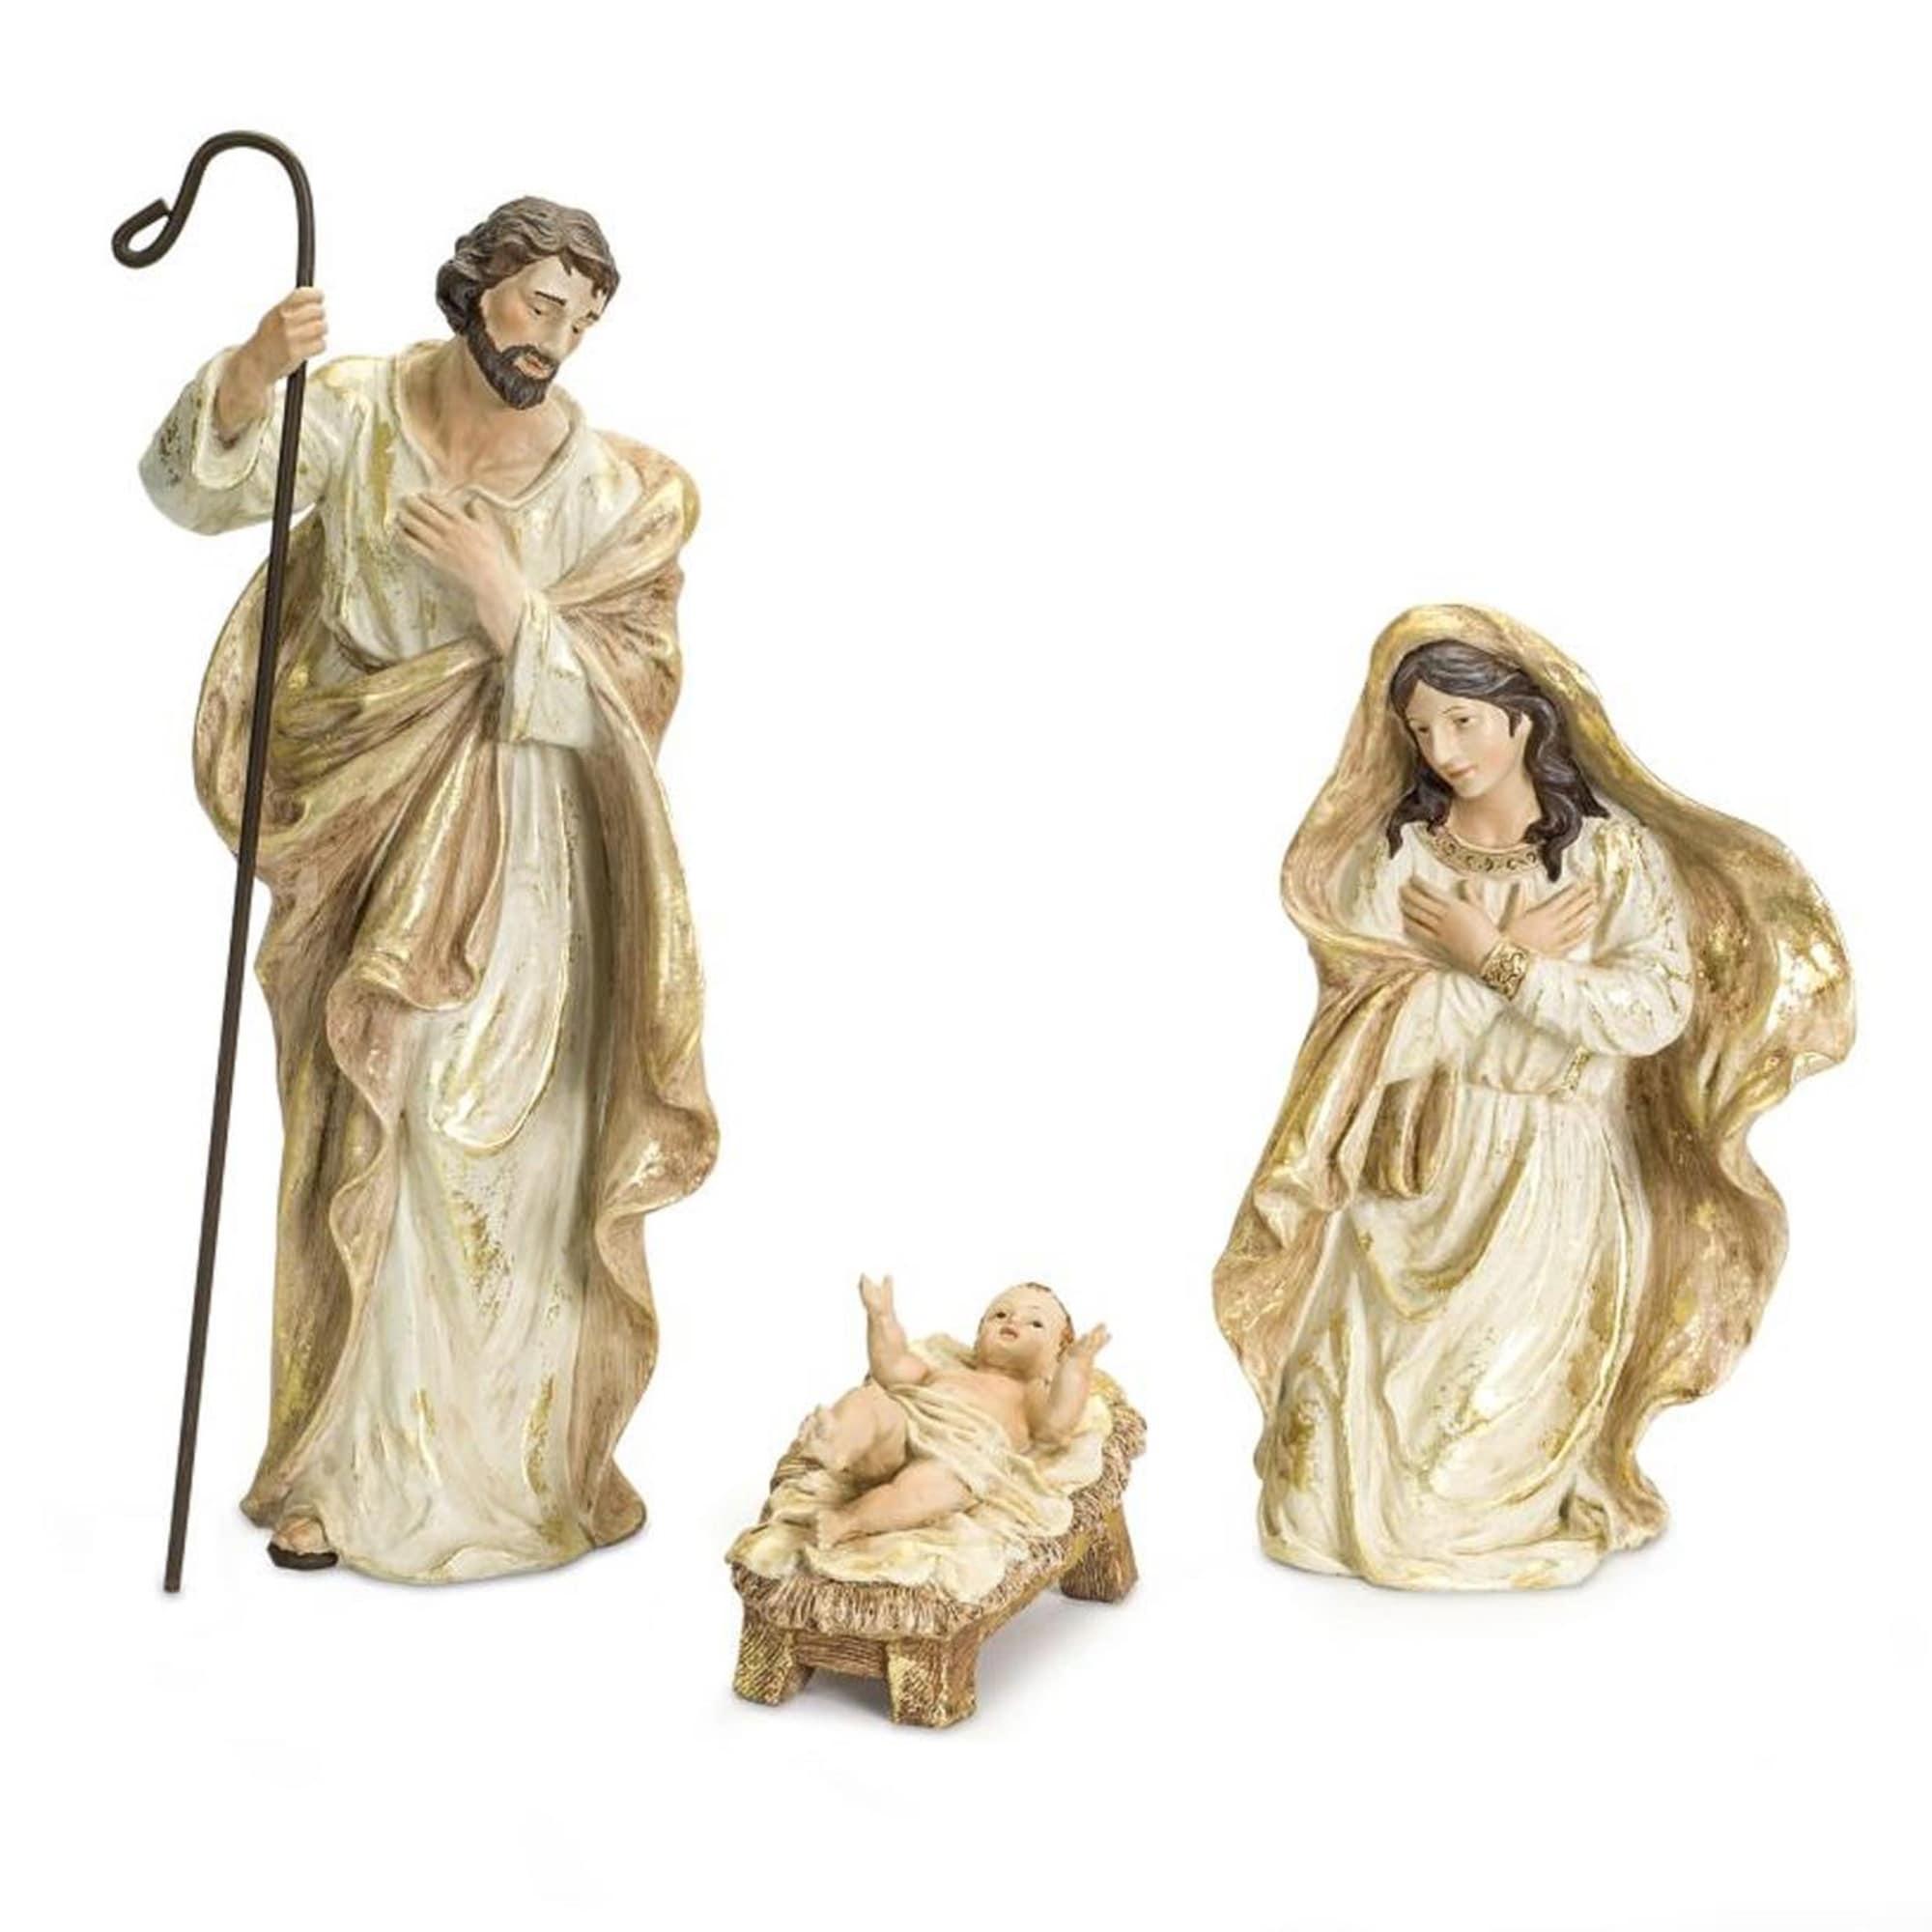 Gold Holy Family Nativity Christmas